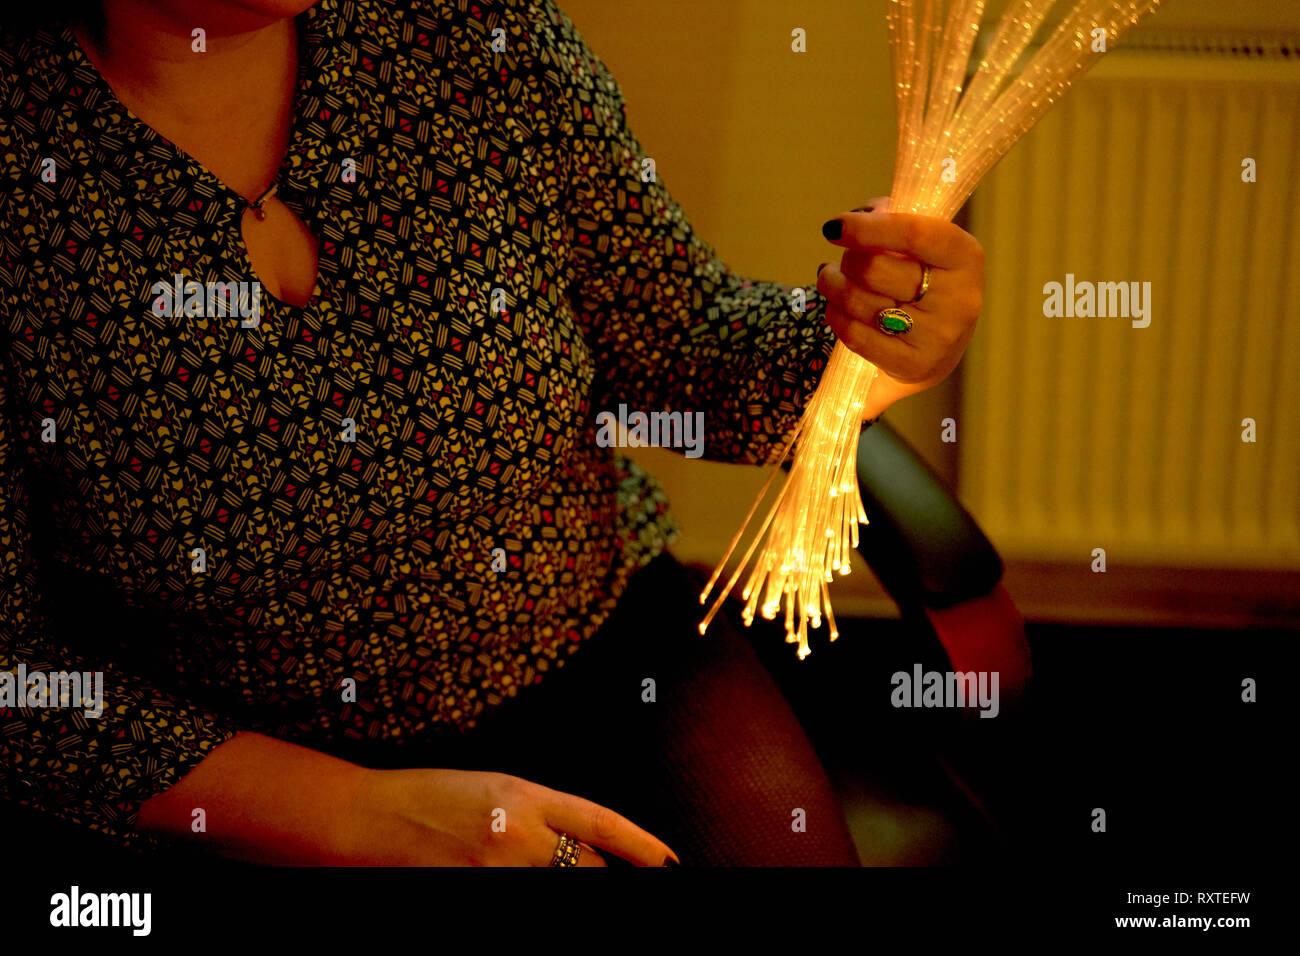 Frau in der Farbtherapie in den Ruhestand care Home. multi sensorische Stimulierung healthcare Platz Stockbild